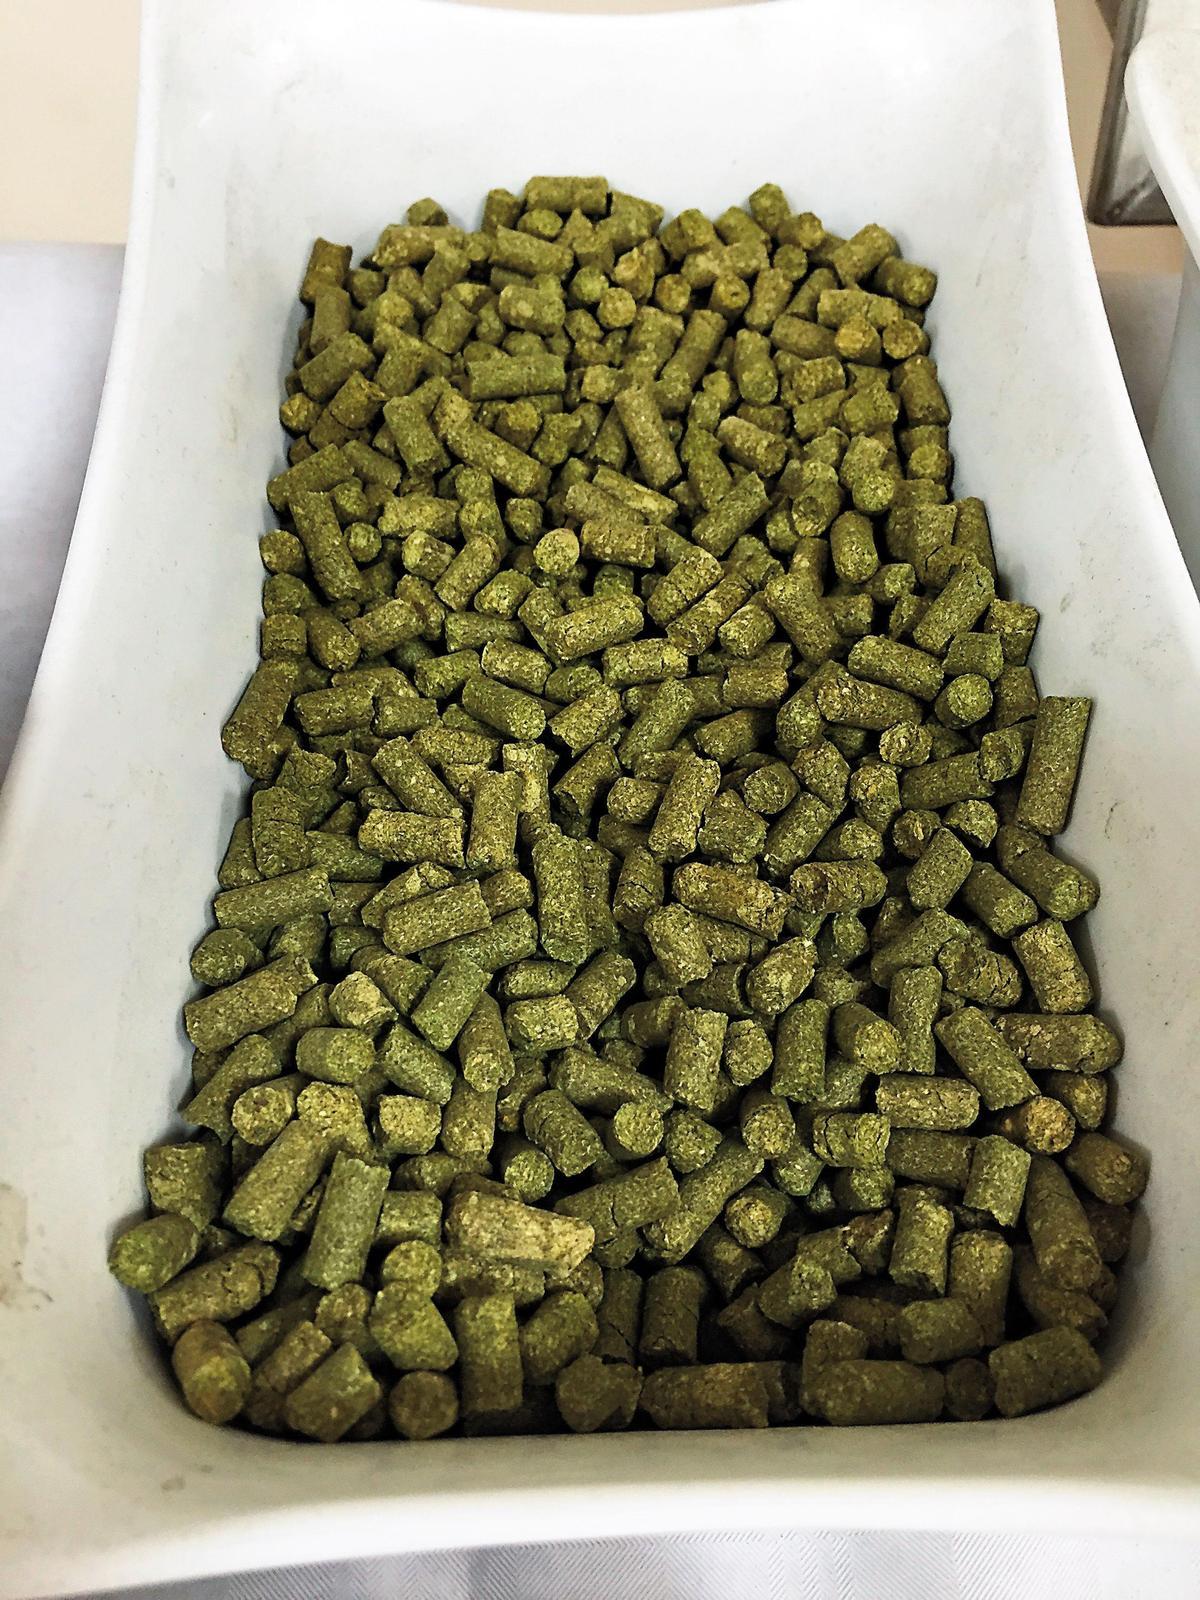 啤酒花不但可以延長啤酒的保存,還能增添風幫助產生綿密泡沫,實務上經常以錠劑替代啤酒花使用。圖為錠劑。